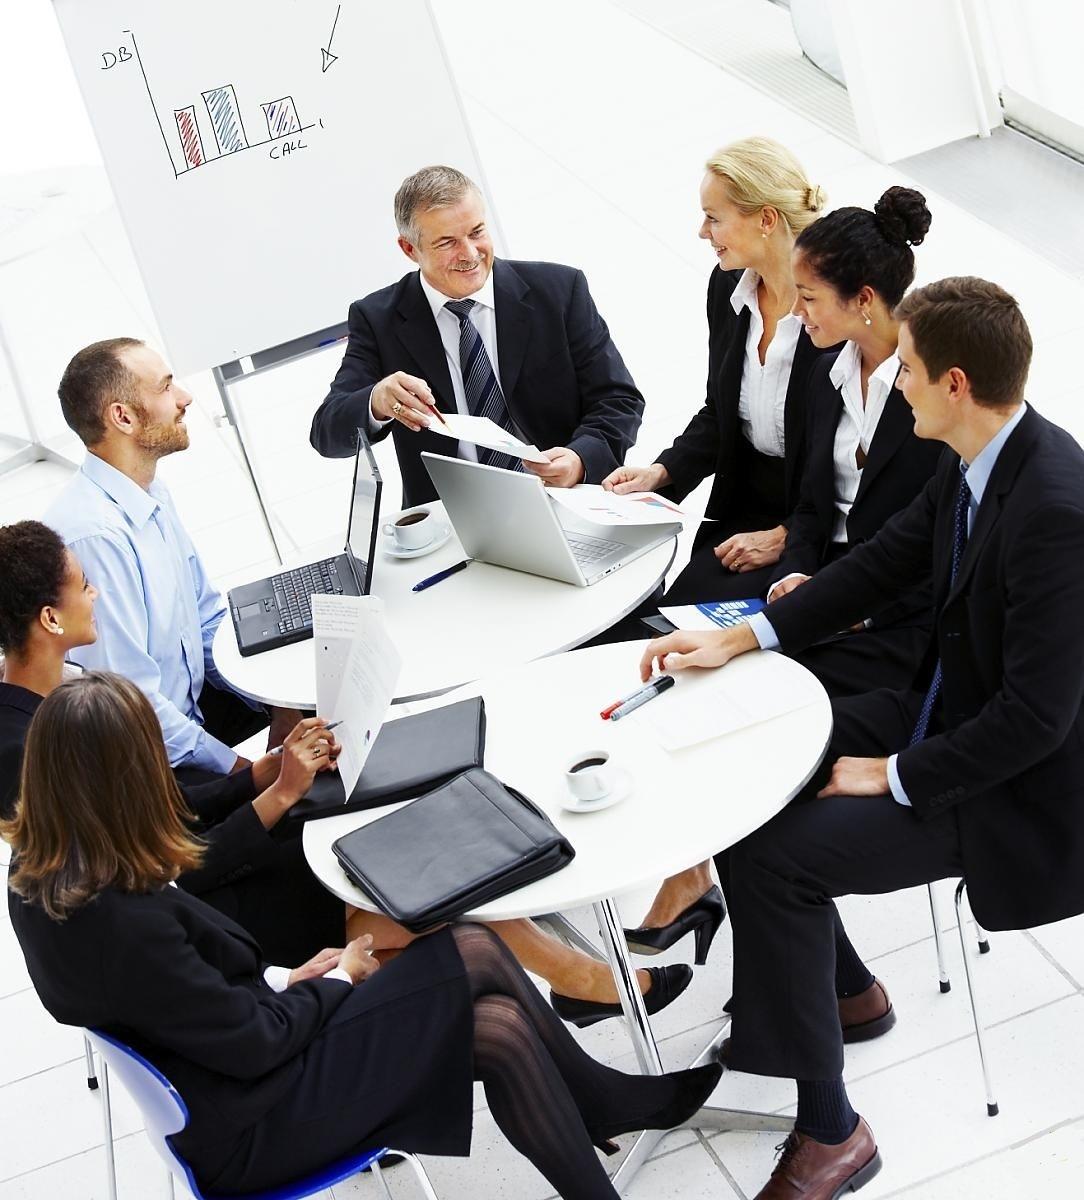 Техника безопасности работников интеллектуального труда и социальной сферы